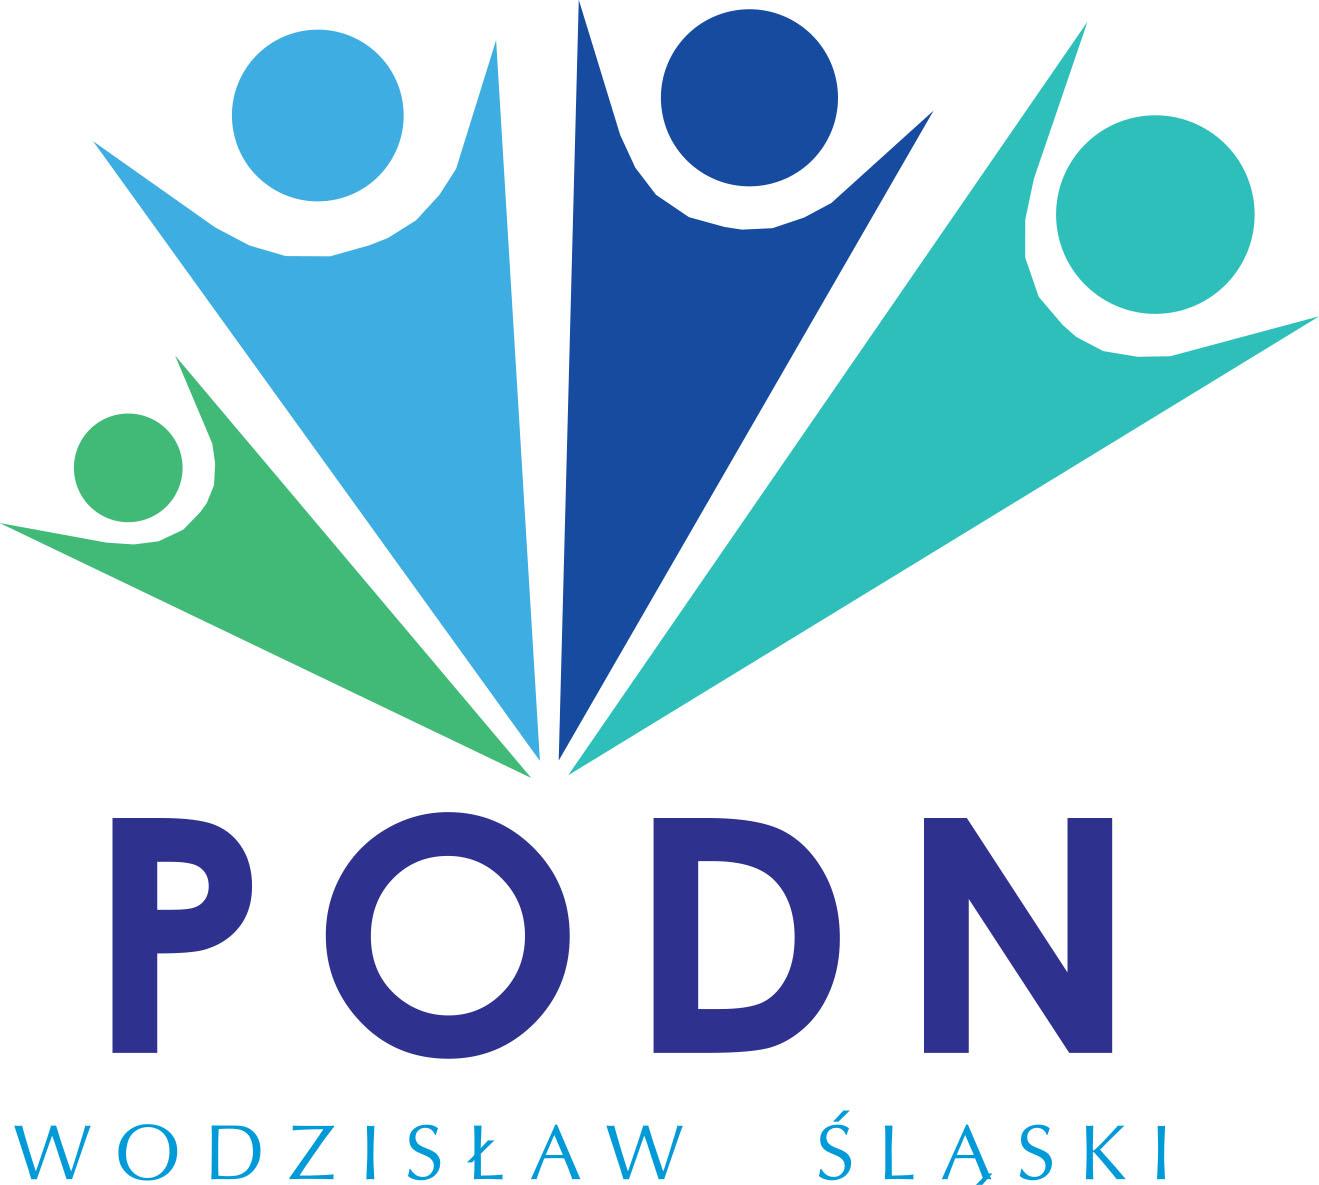 Partnerzy Izby Gospodarczej - Powiatowy ośrodek doskonalenia nauczycieli Wodzisław Śląski